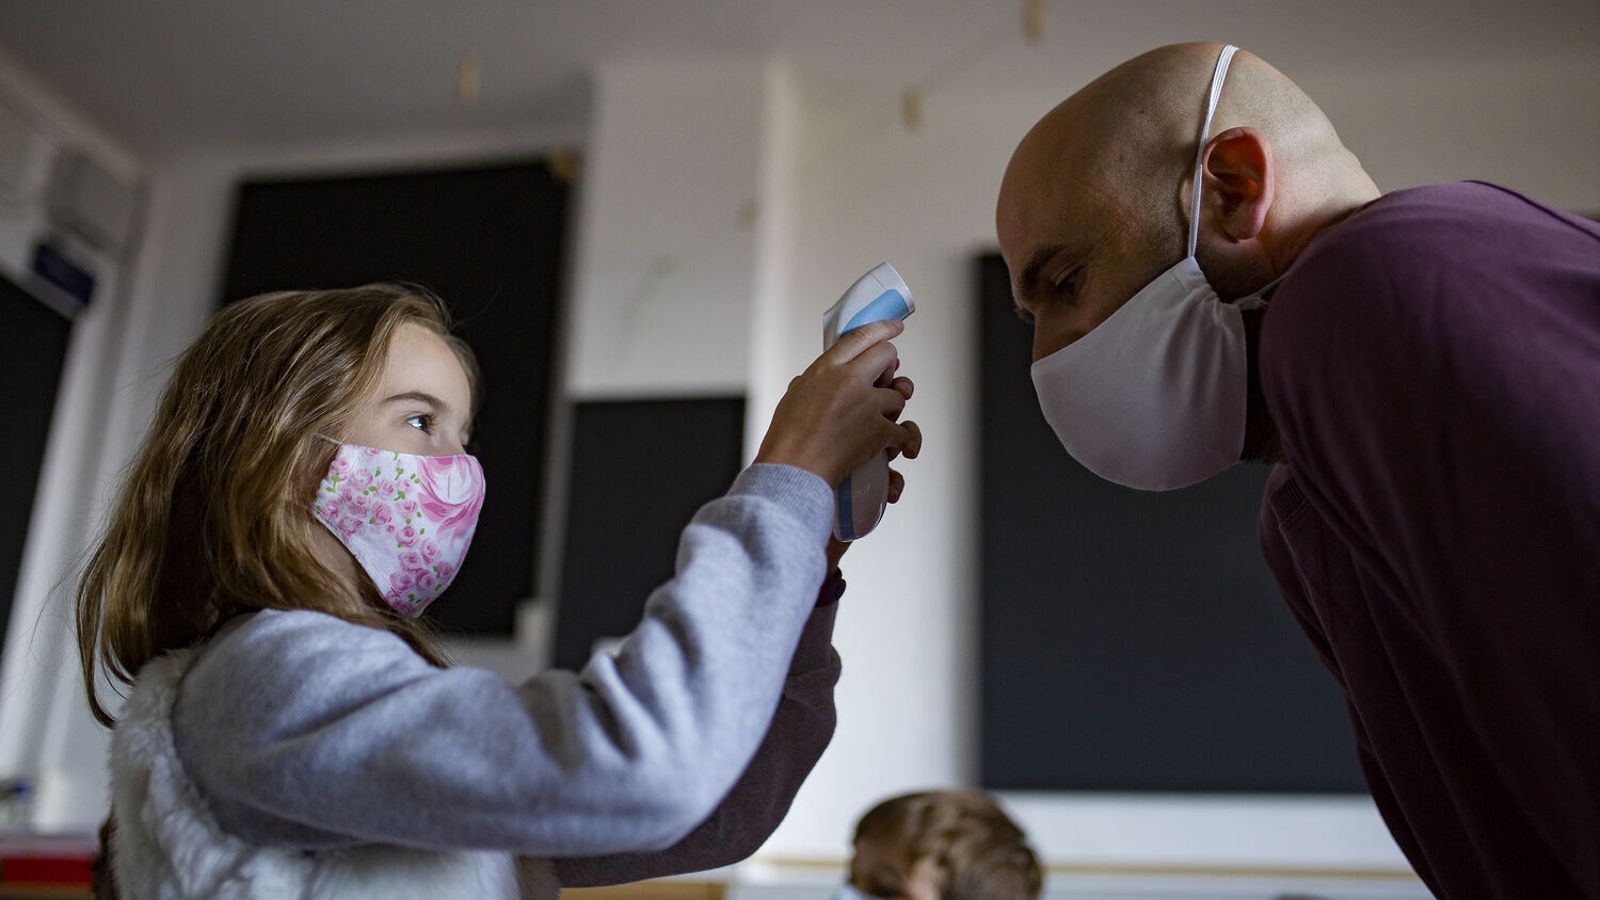 Una nena prenent la temperatura a un adult.